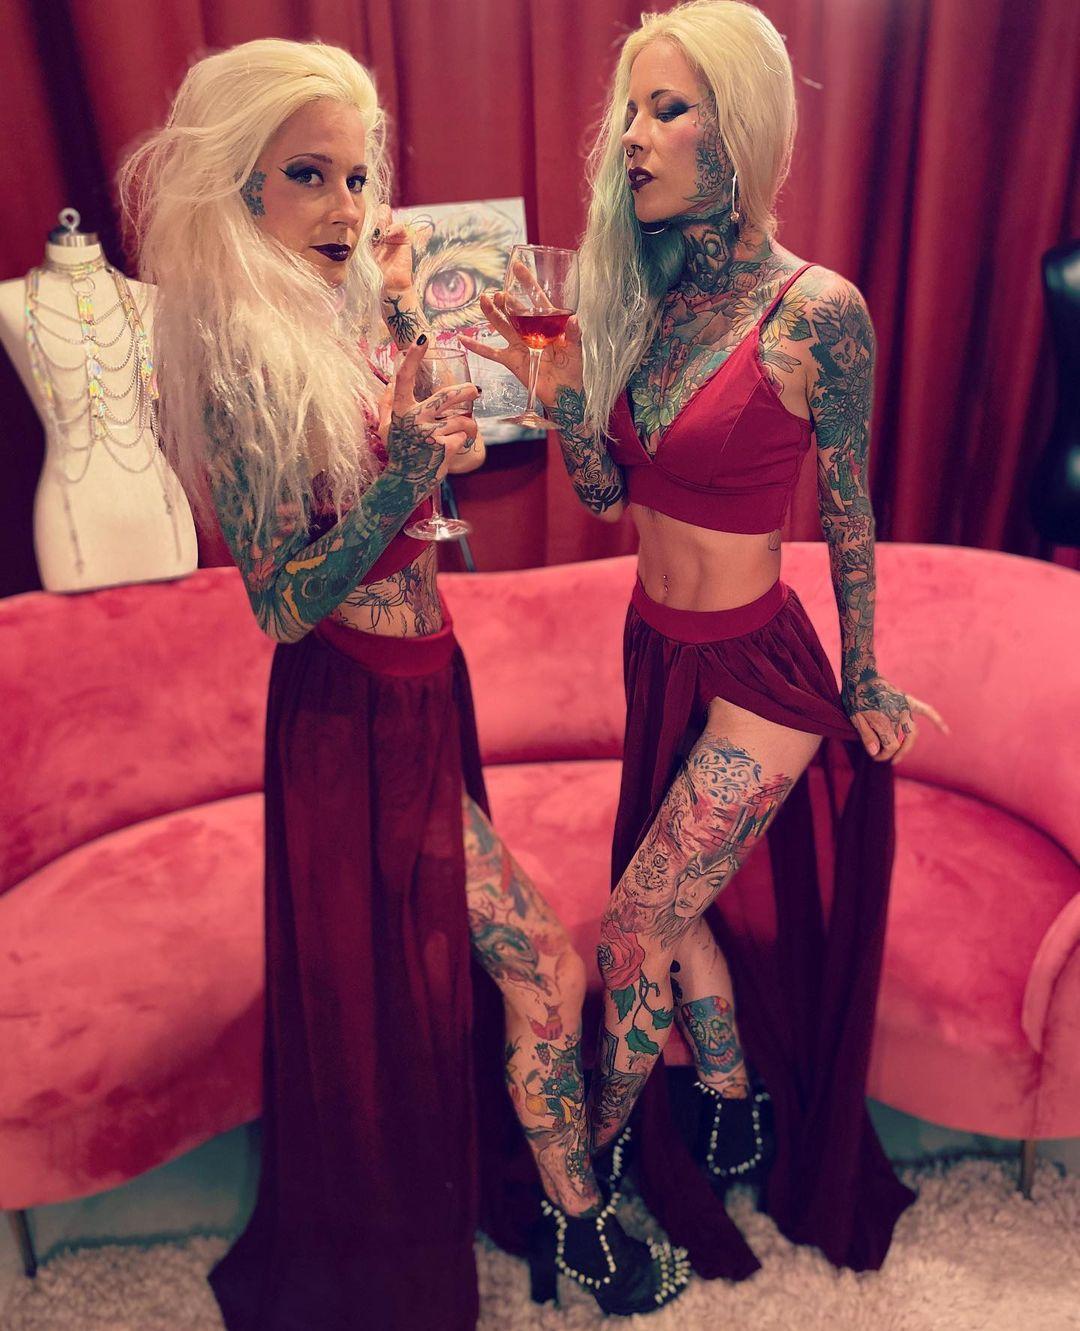 Татуированные близняшки из Германии - «Хорошее настроение»